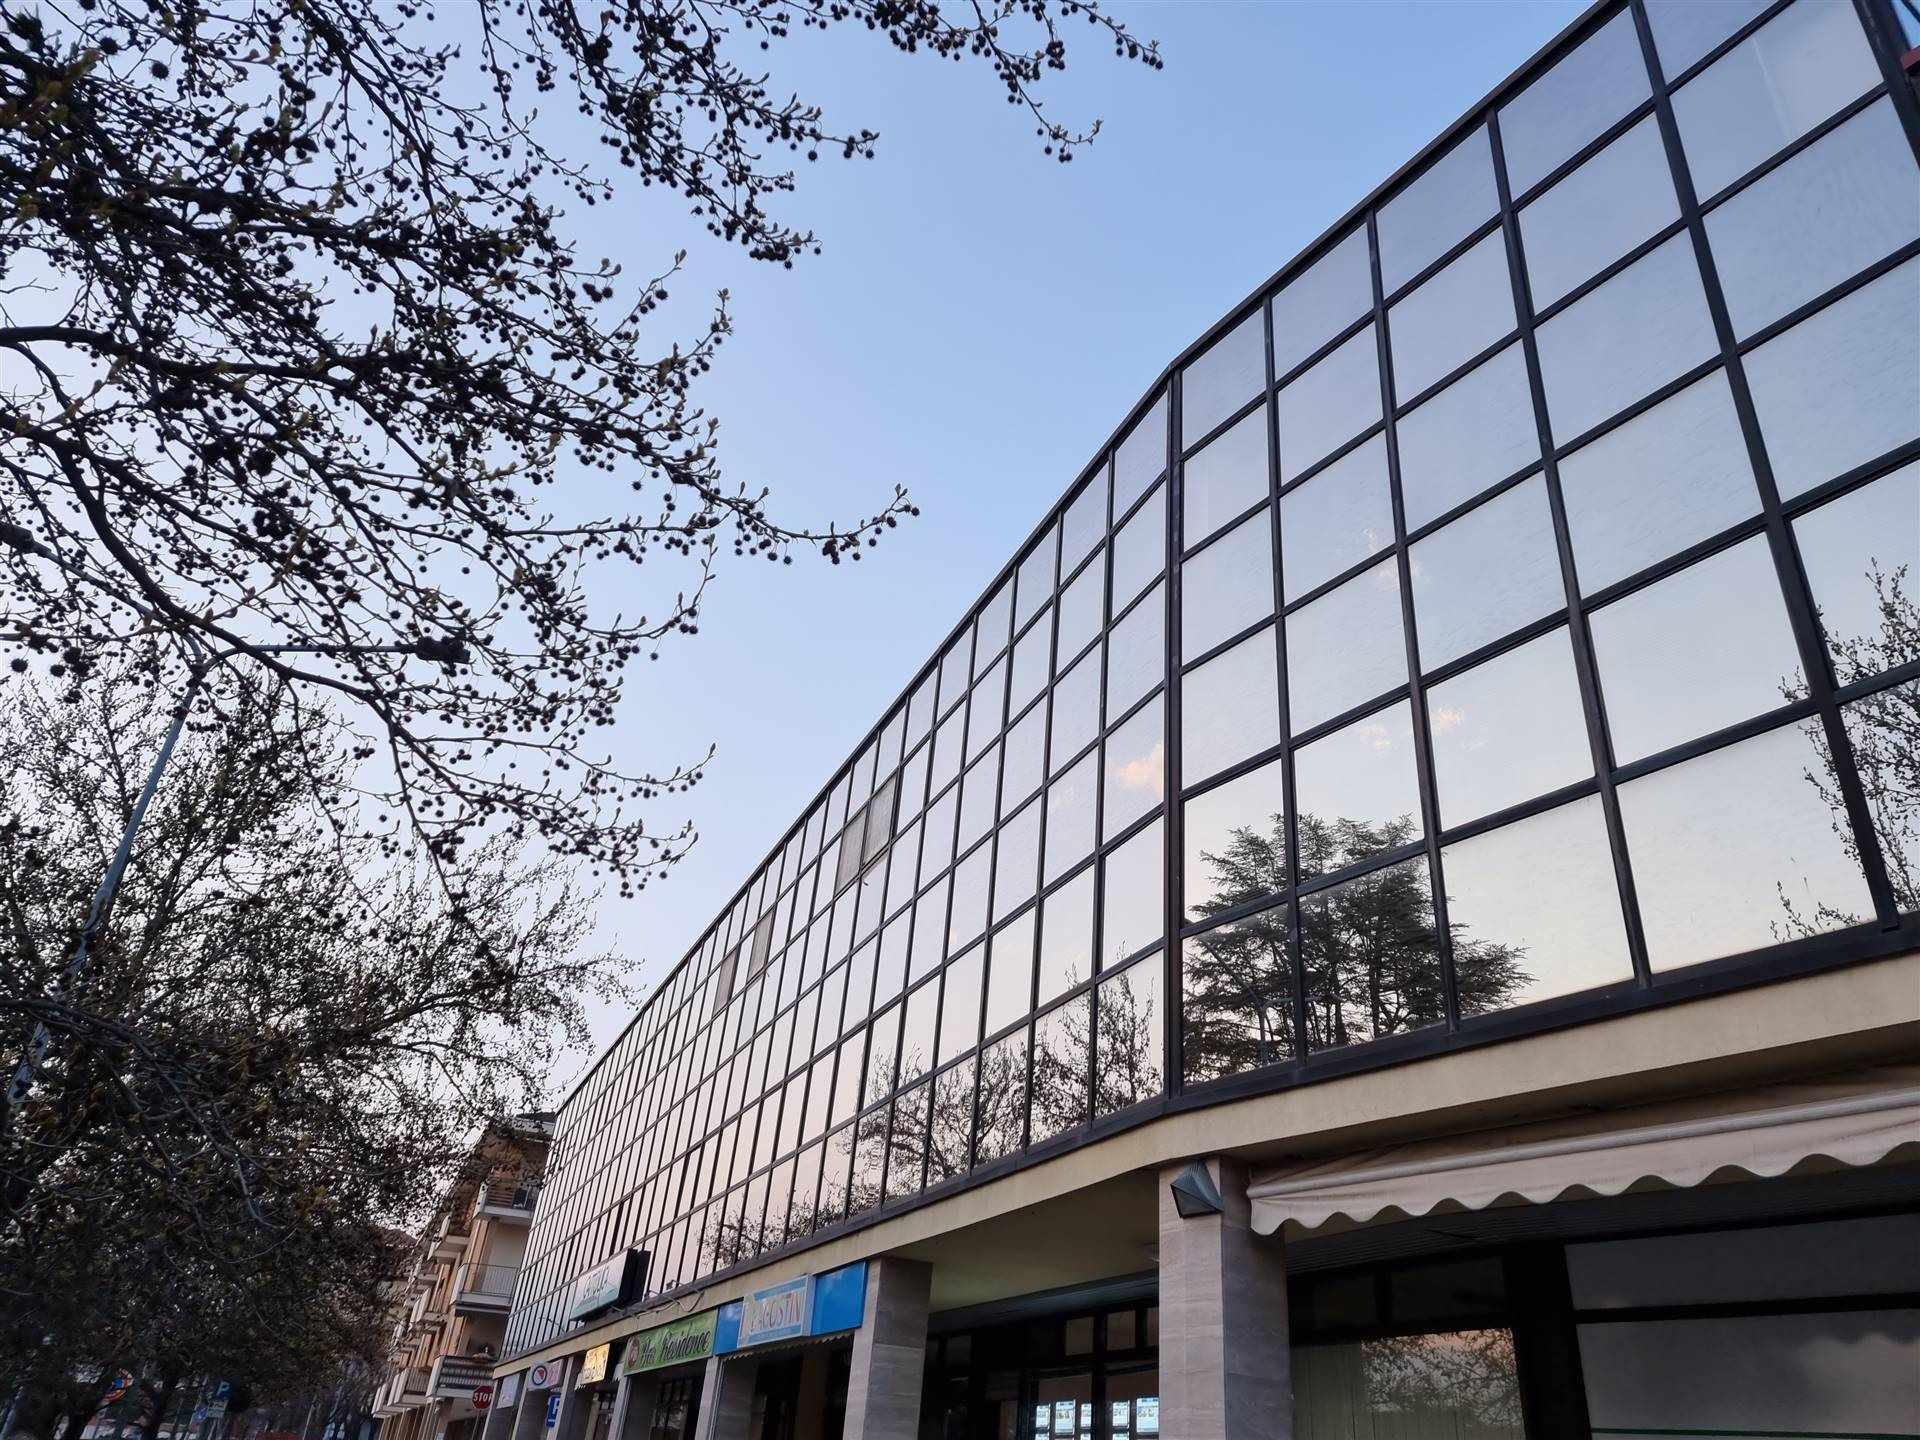 Ufficio / Studio in vendita a Cossato, 3 locali, prezzo € 59.000 | CambioCasa.it